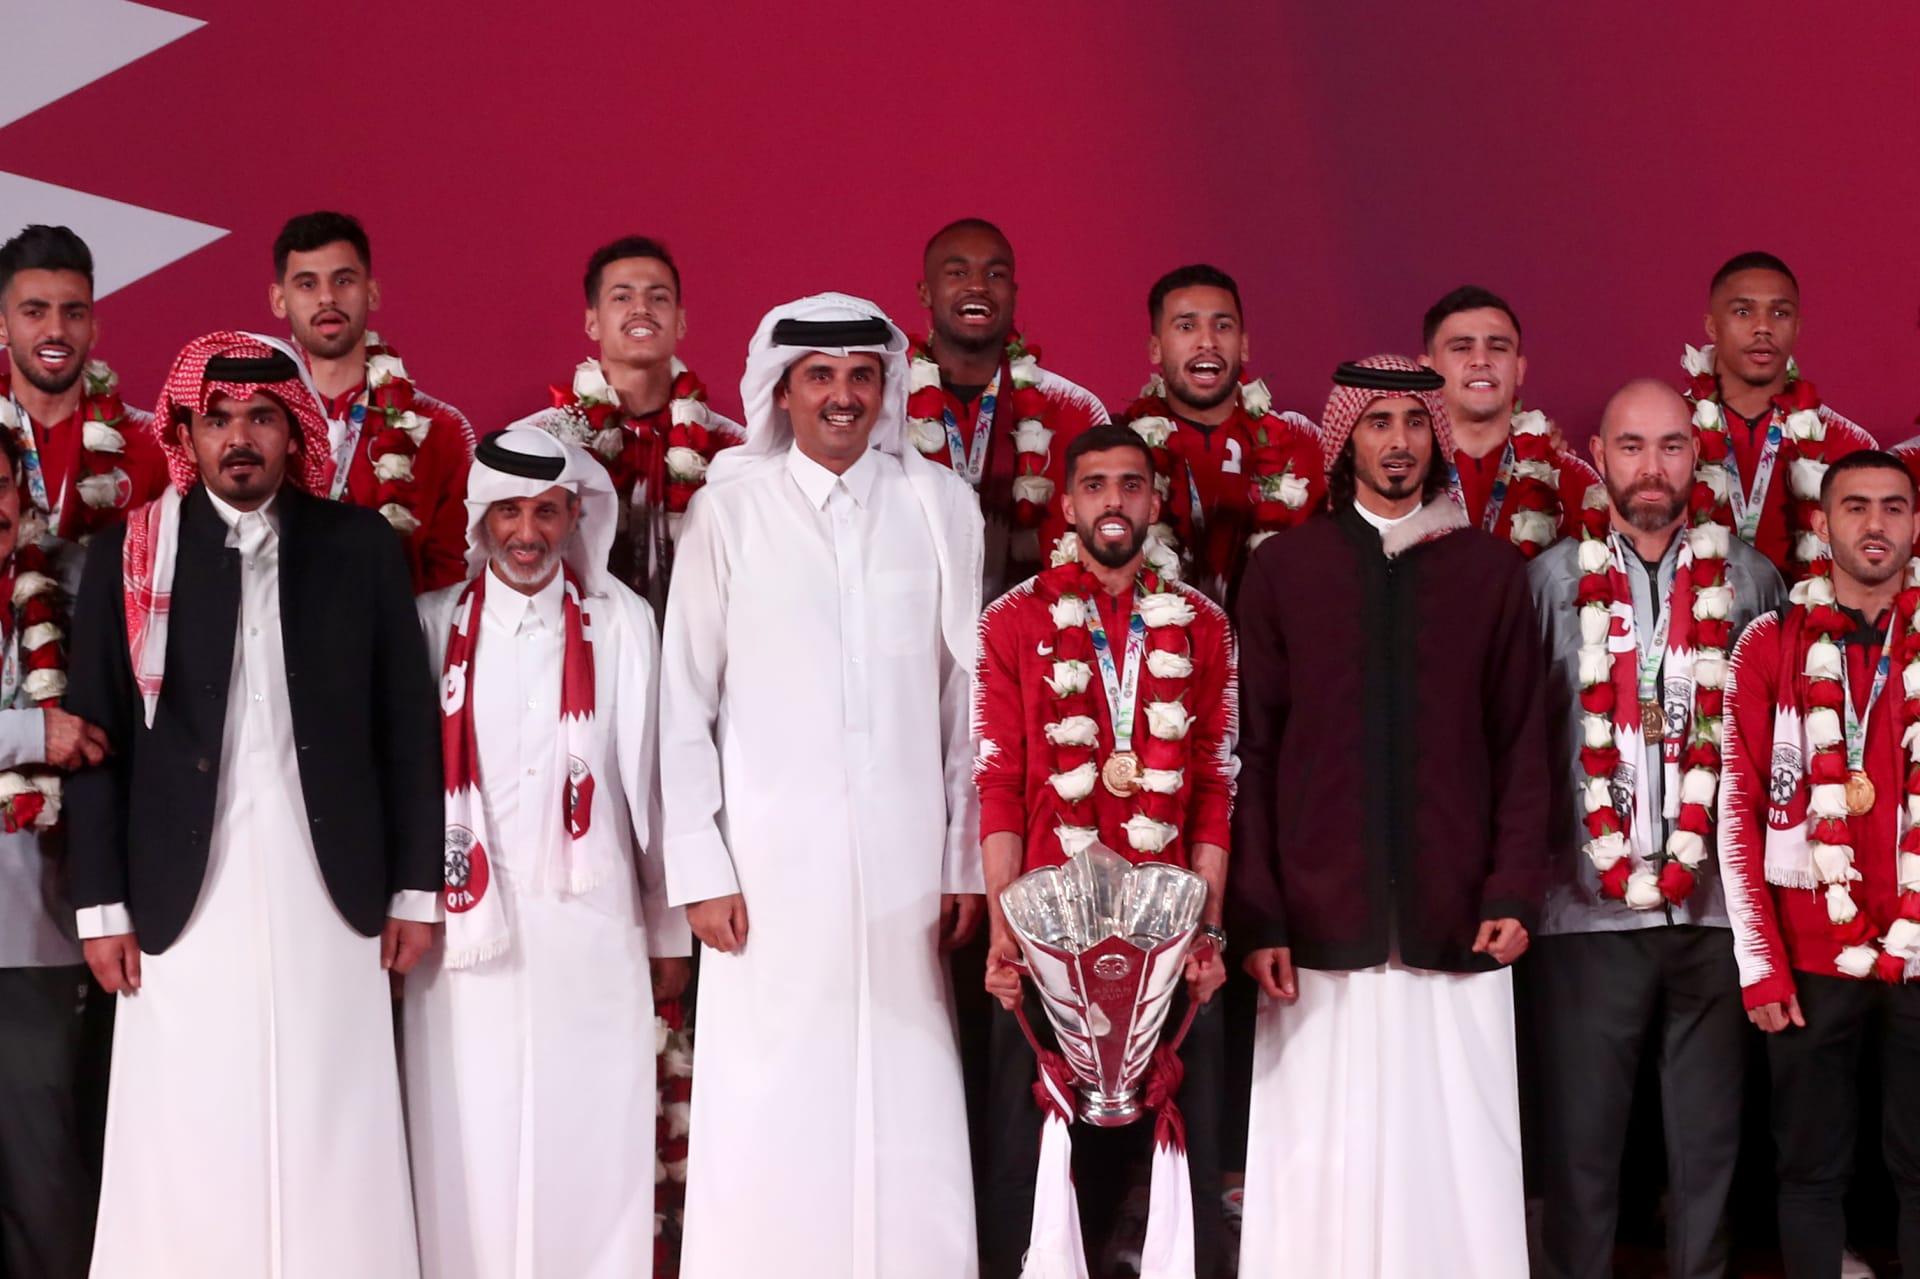 مقطع فيديو لتعامل الشيخ تميم مع قائد منتخب قطر يثير جدلا عبر مواقع التواصل